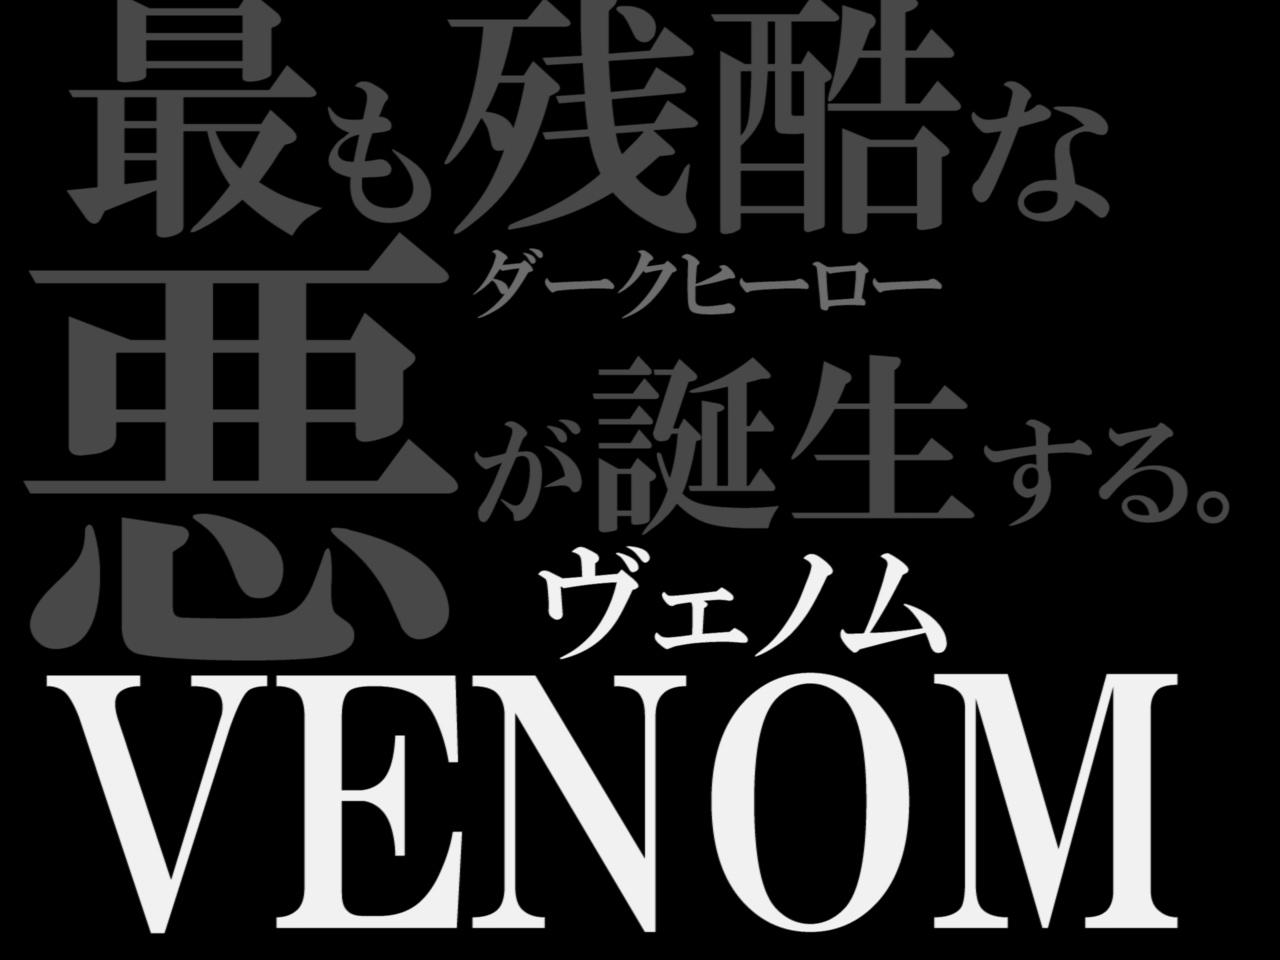 映画 ヴェノム VENOM